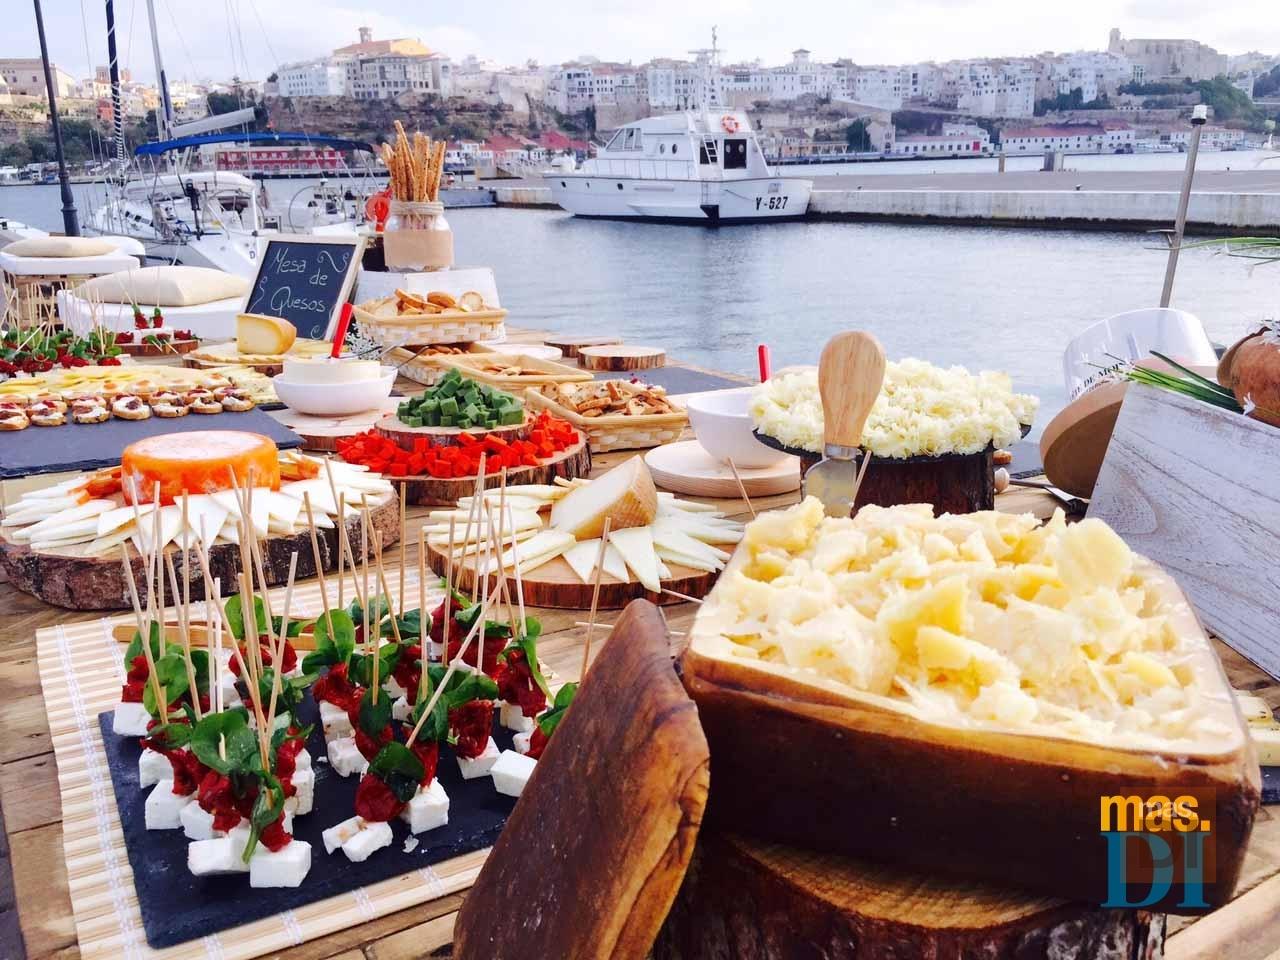 El Paladar jamonería & delicatessen, elegancia y sabor para cualquier tipo de evento